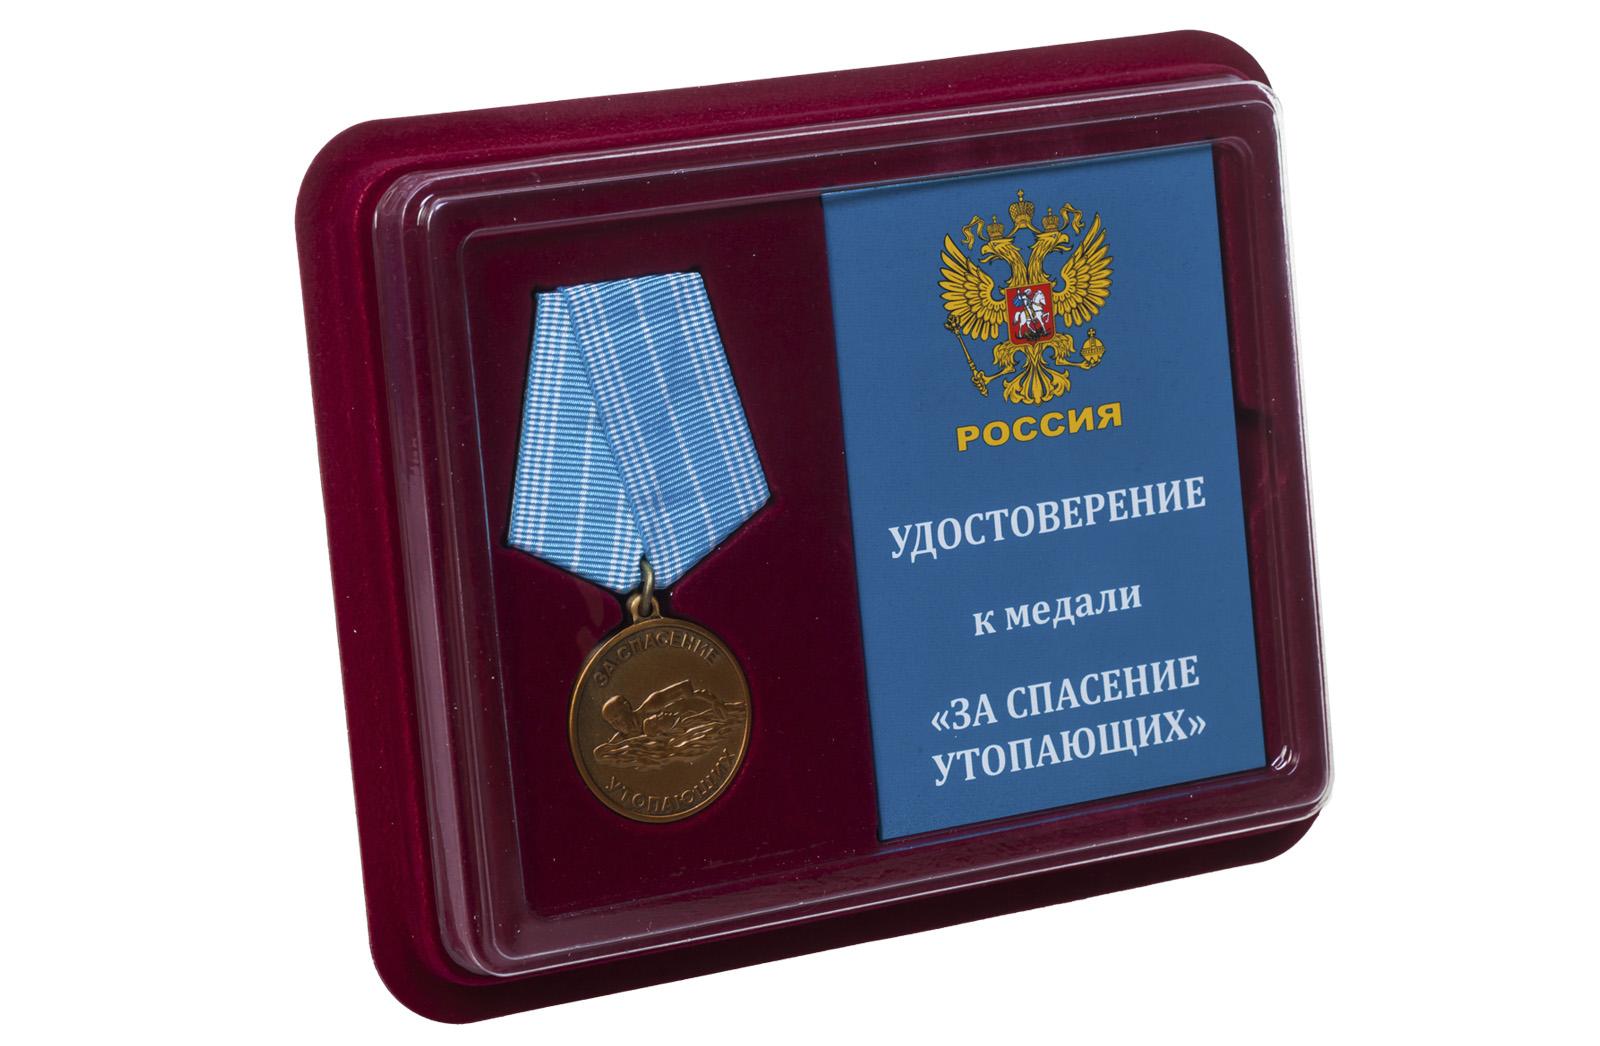 Купить медаль За спасение утопающих в футляре с удостоверением в подарок